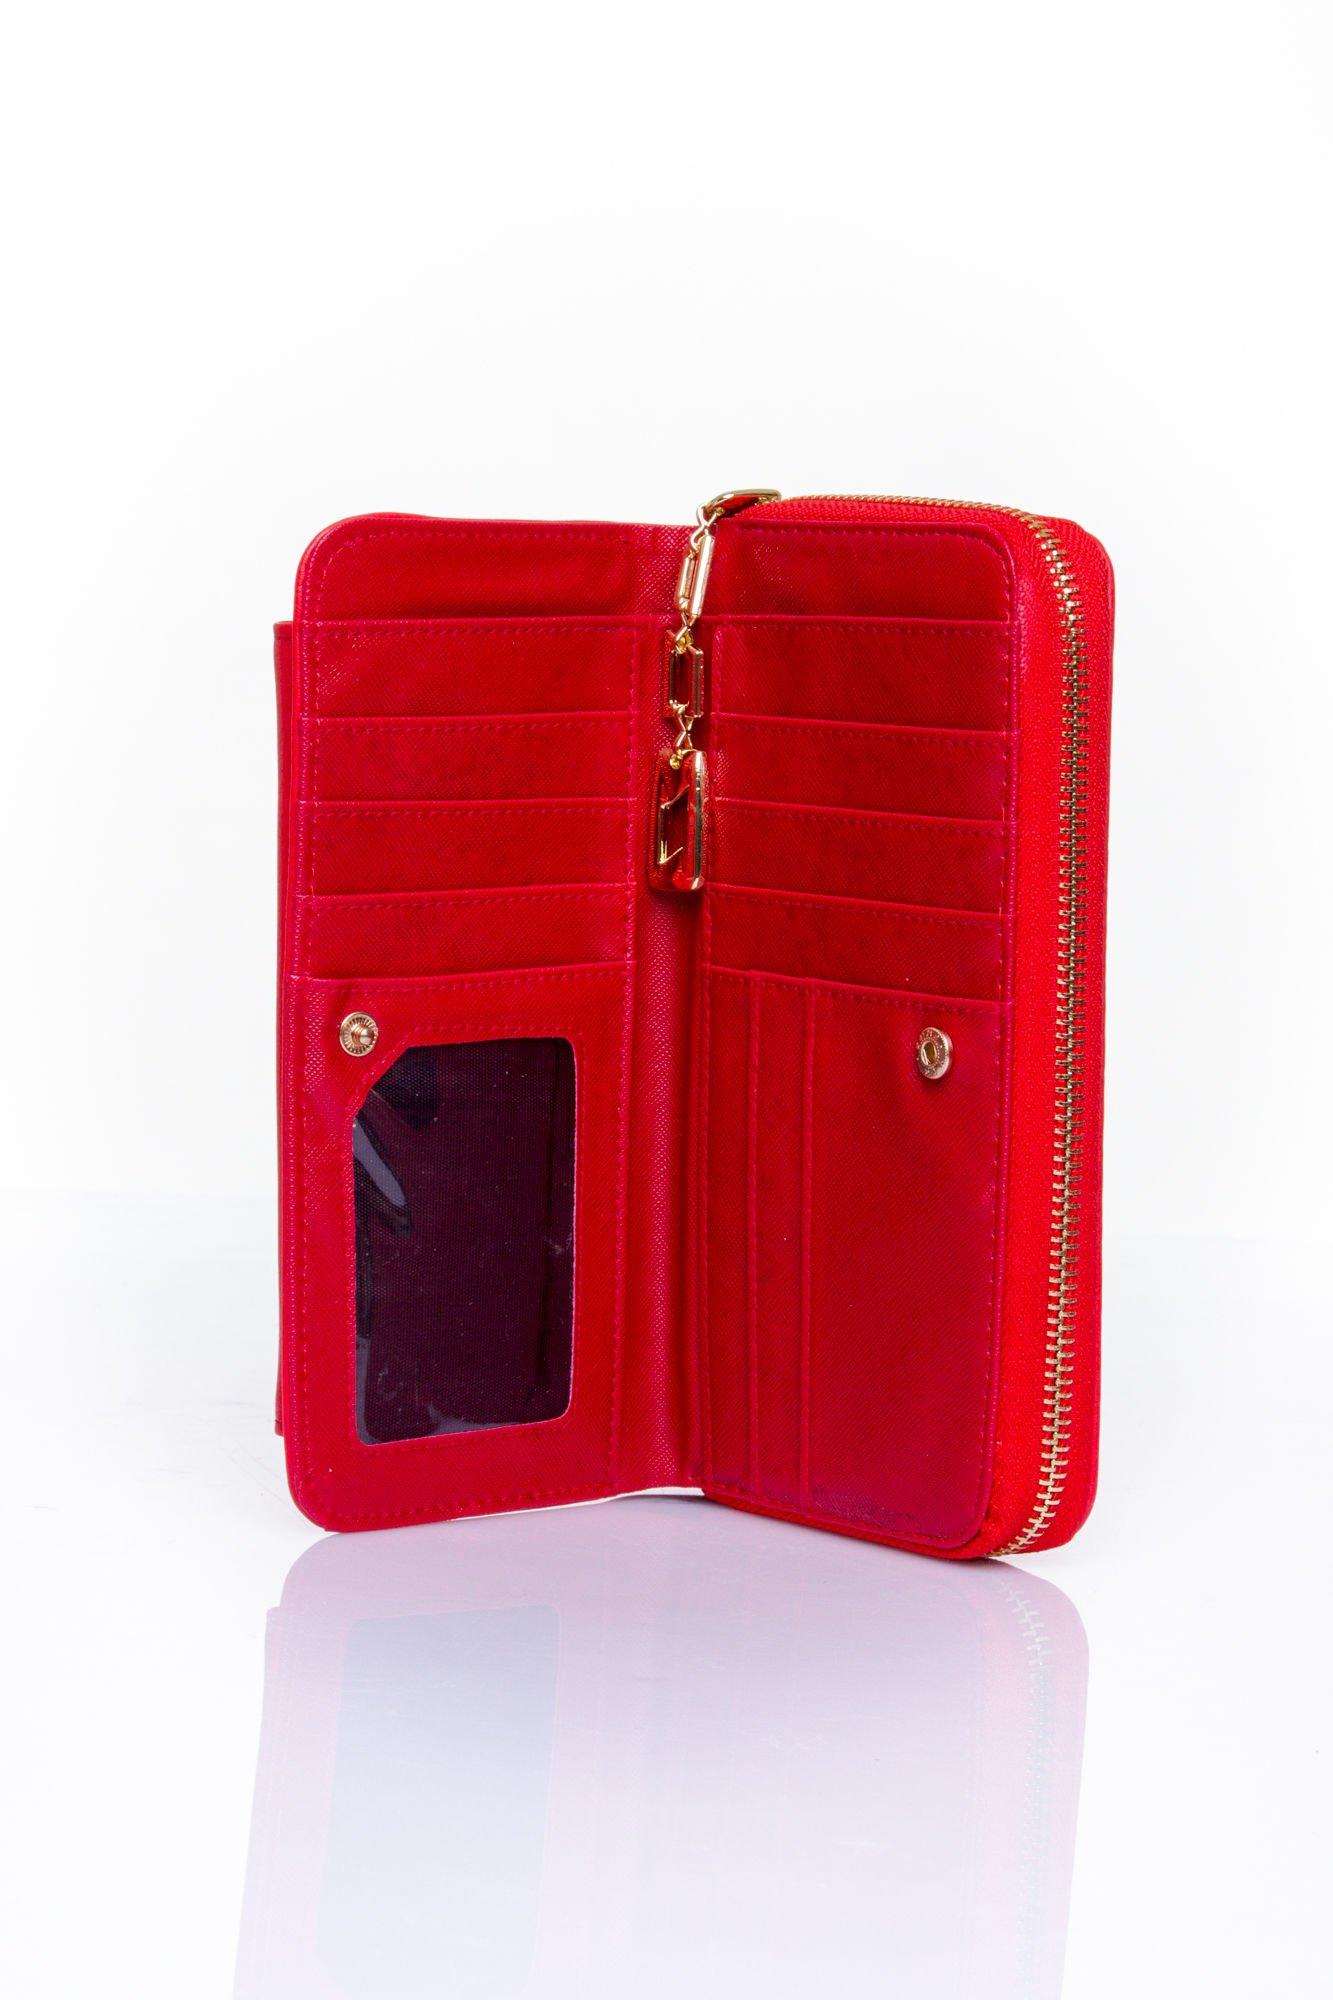 Czerwony portfel ze złotym zapięciem                                  zdj.                                  4